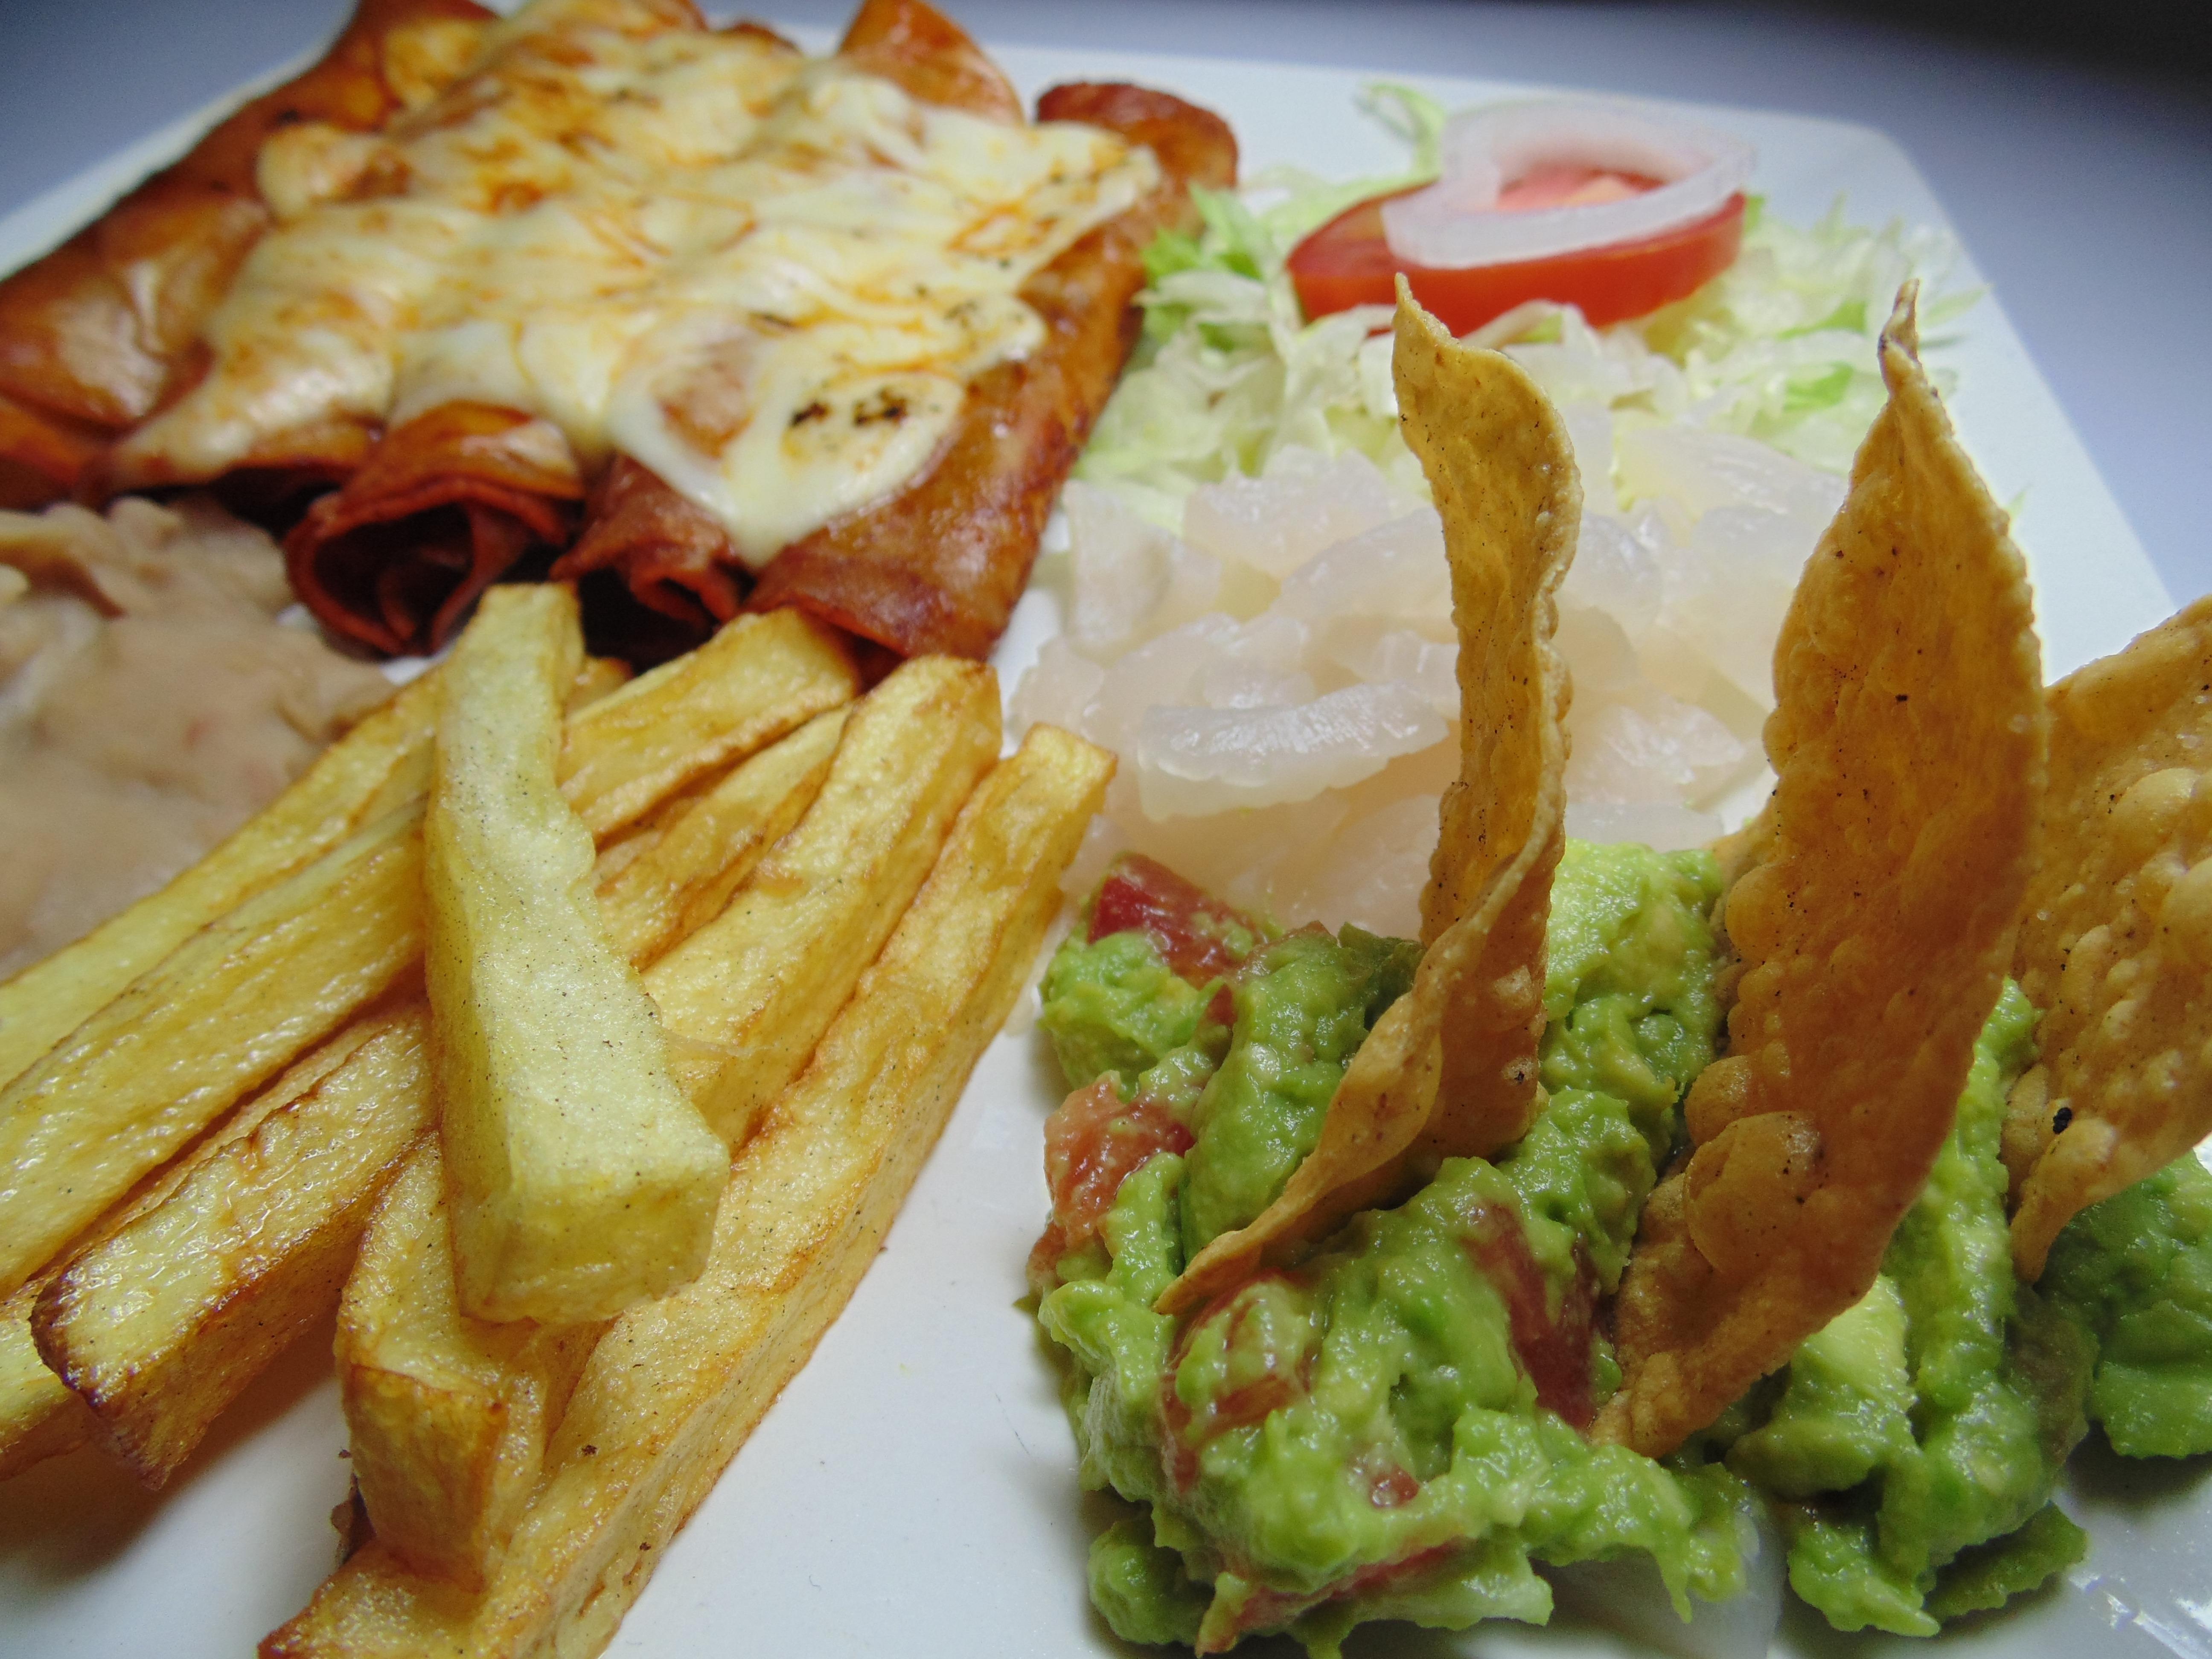 уточнения цен мексиканская кухня фаст фуд рецепты с фото зависимости модели фотокамеры